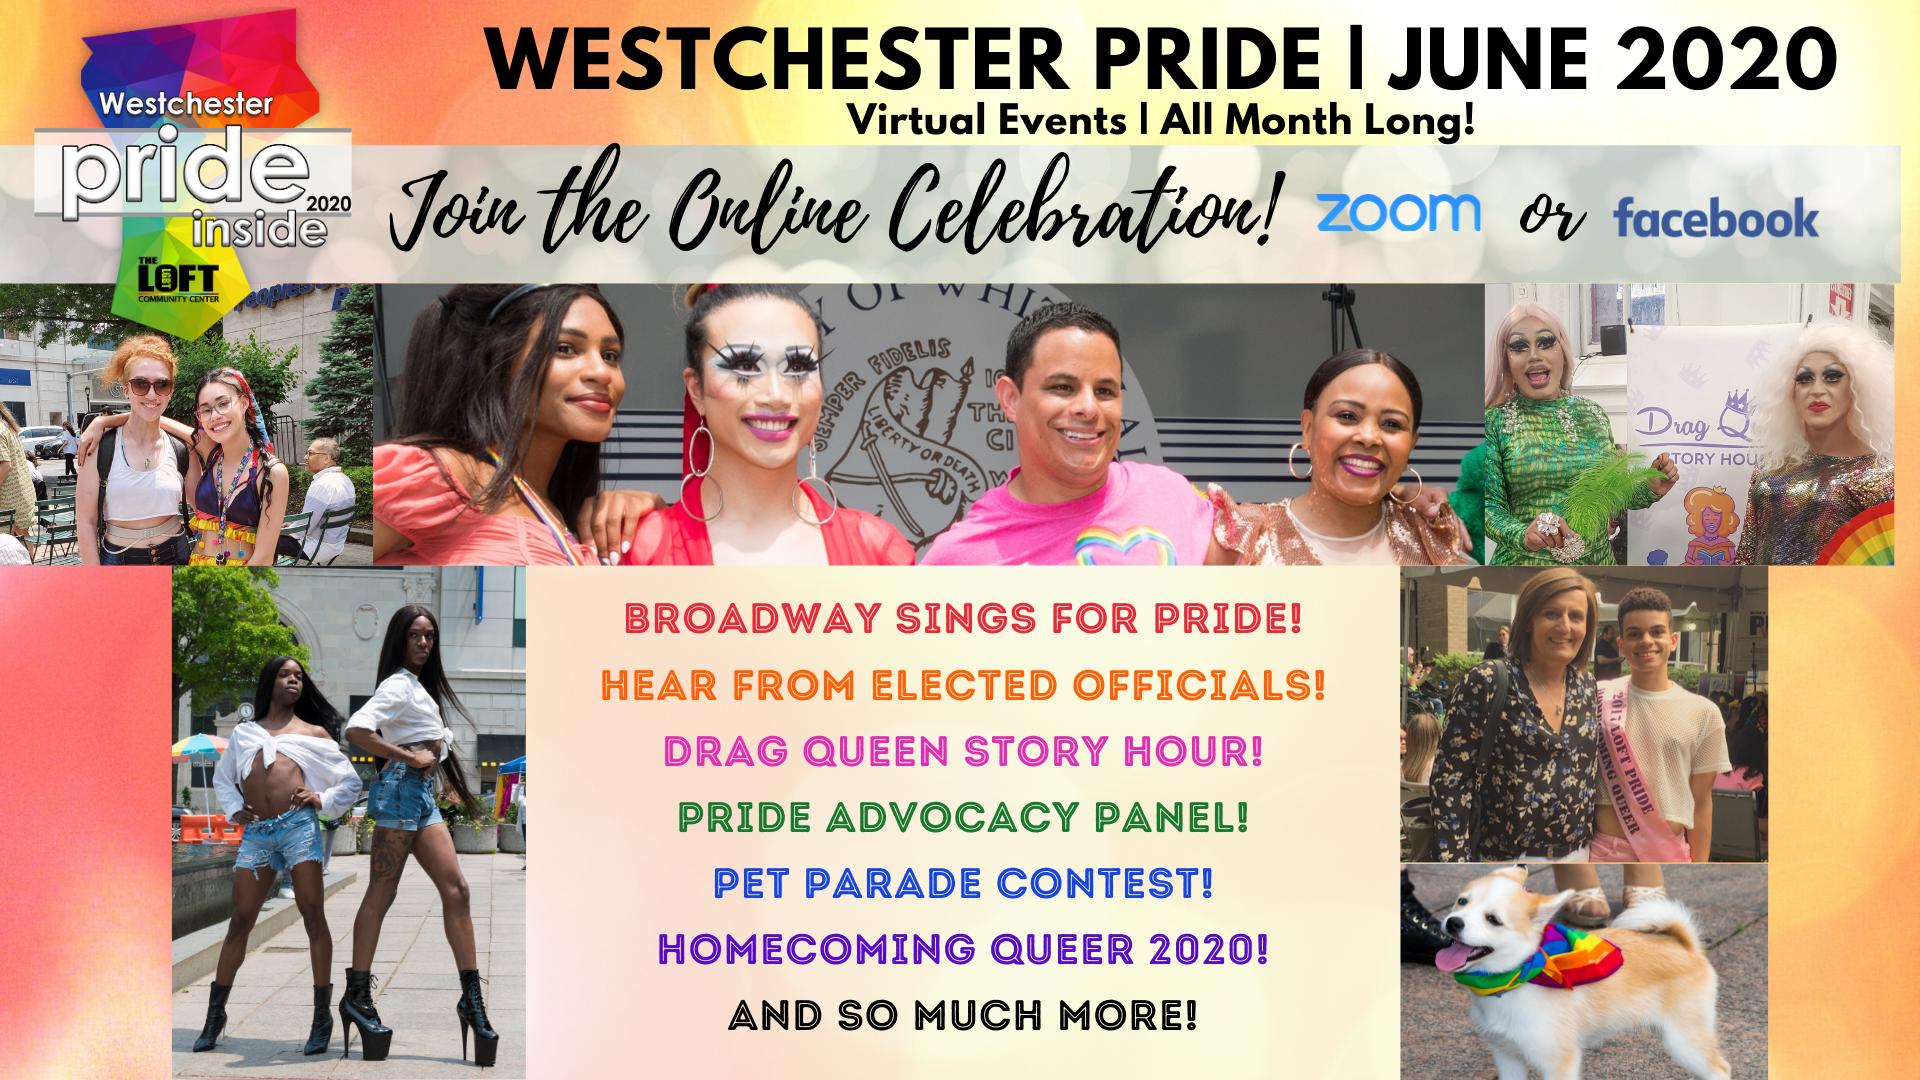 Westchester Pride 2020